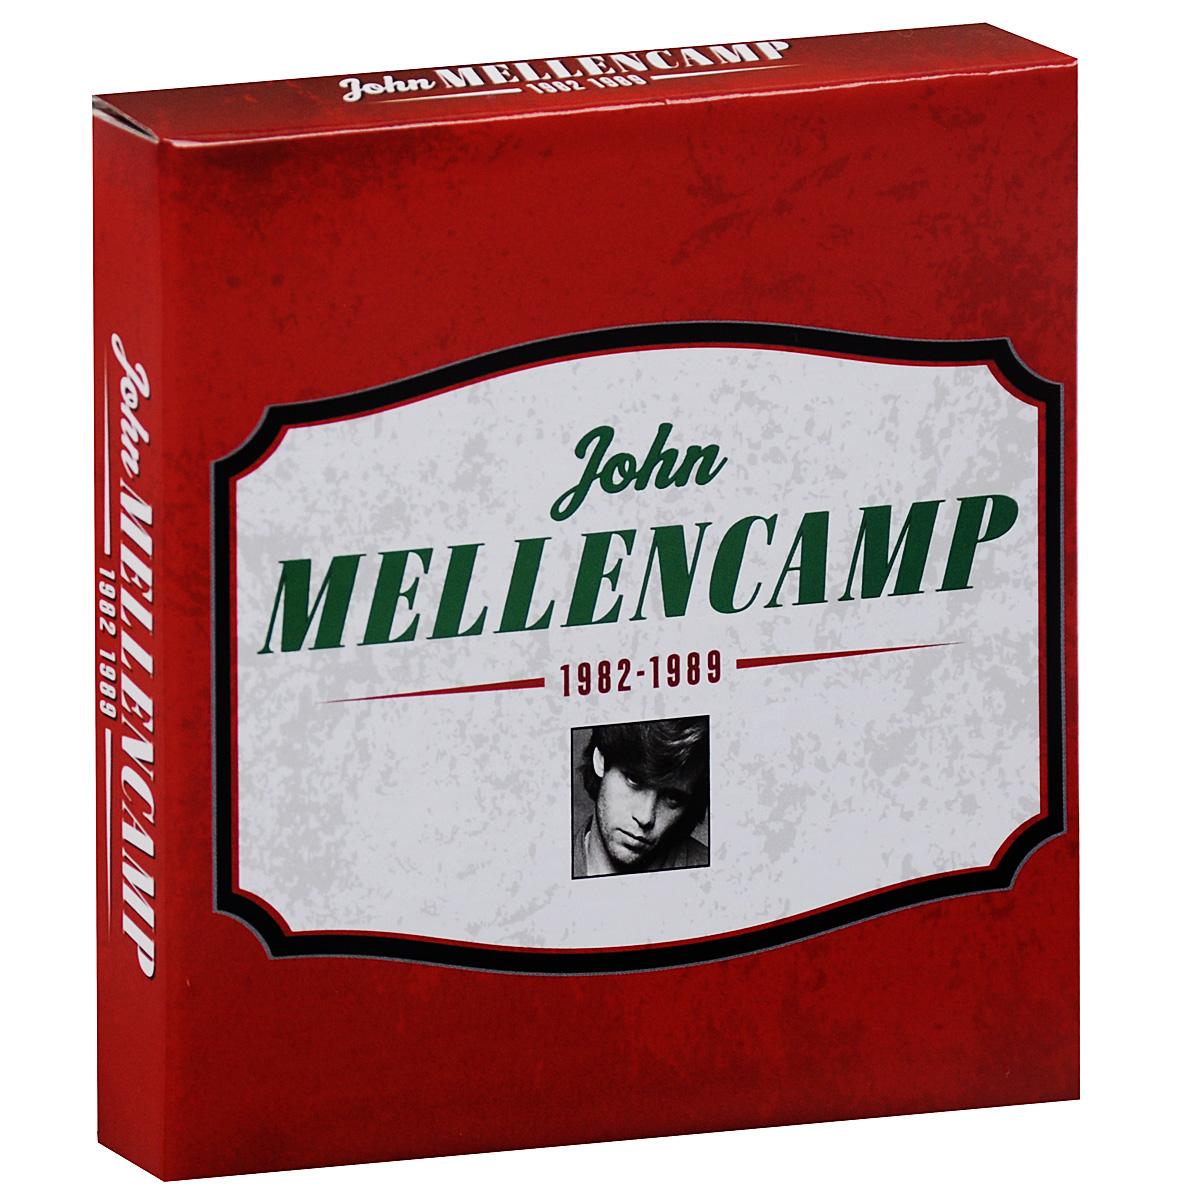 лучшая цена Джон Мелленкамп John Mellencamp. 1982-1989 (5 CD)